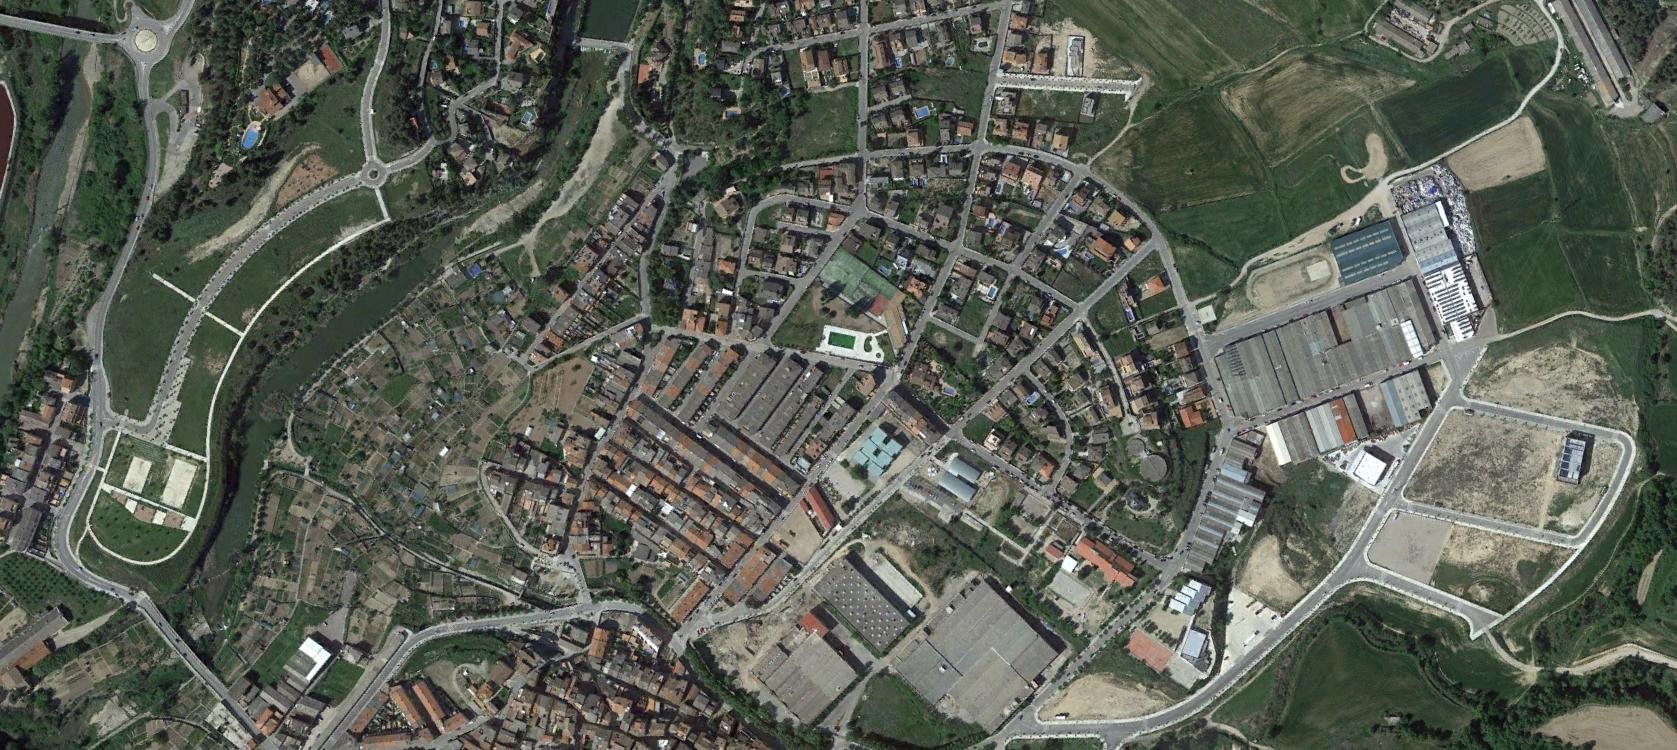 navarcles, barcelona, naumaquias, peticiones del oyente, después, urbanismo, planeamiento, urbano, desastre, urbanístico, construcción, rotondas, carretera